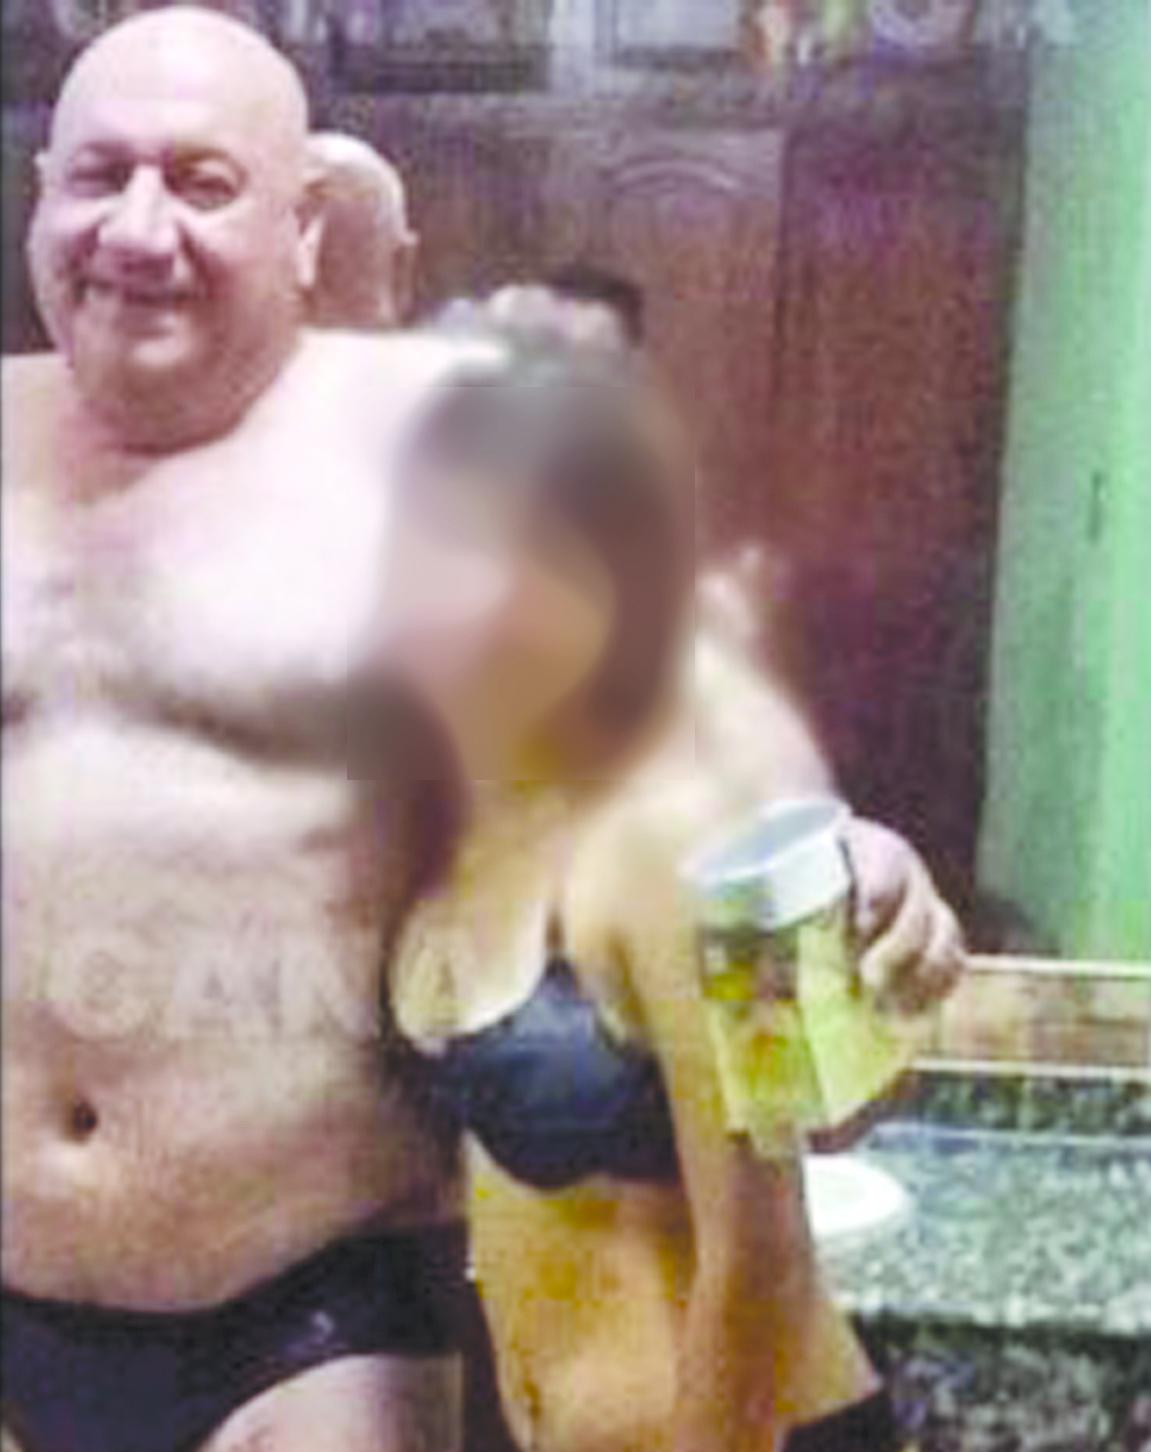 Intendente salteño del FPV imputado por fiesta sexual con menores.